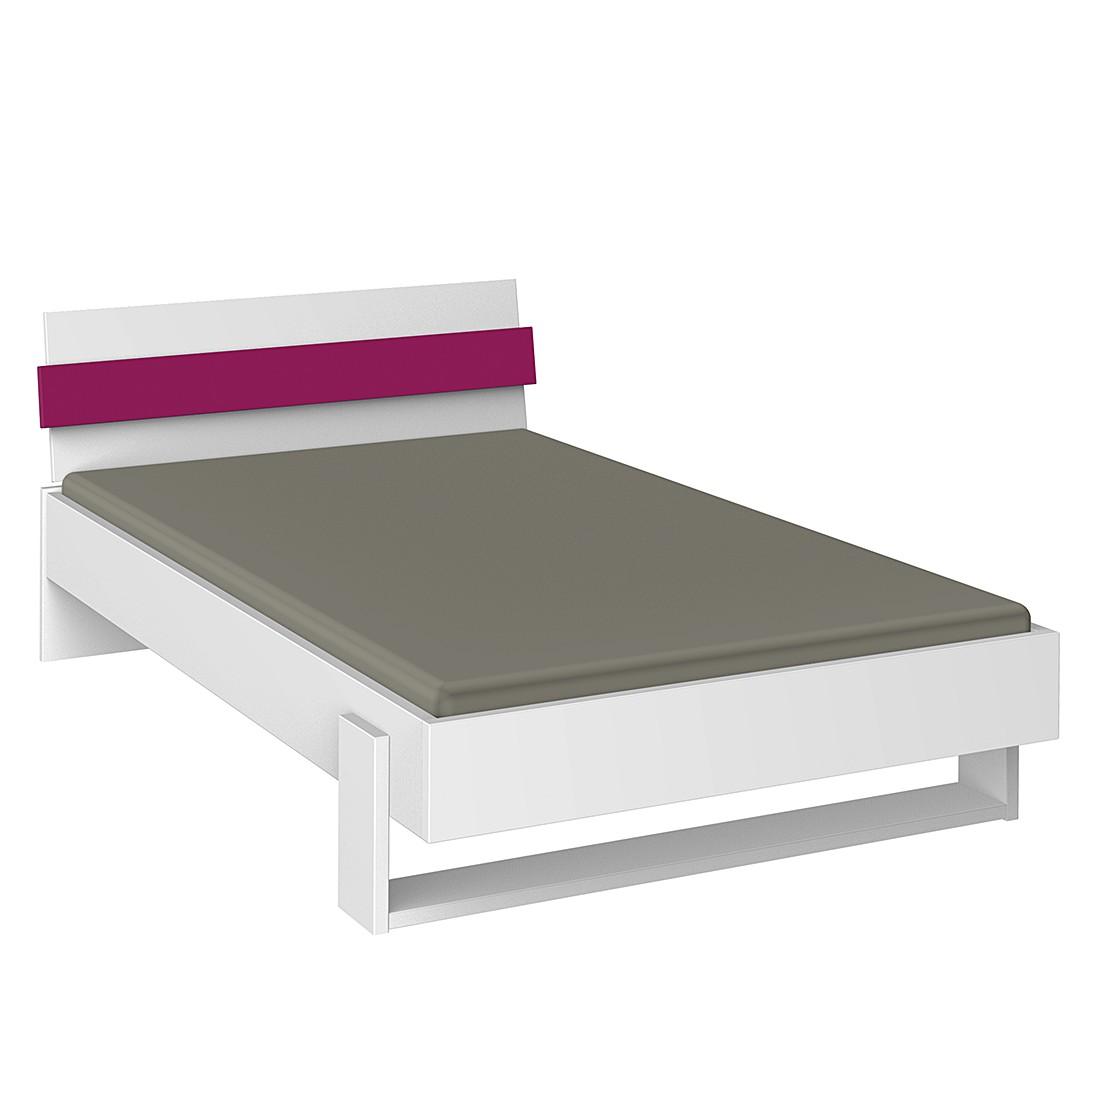 jugendbett hilight 140 x 200cm kein nachttisch wei pink r hr g nstig. Black Bedroom Furniture Sets. Home Design Ideas